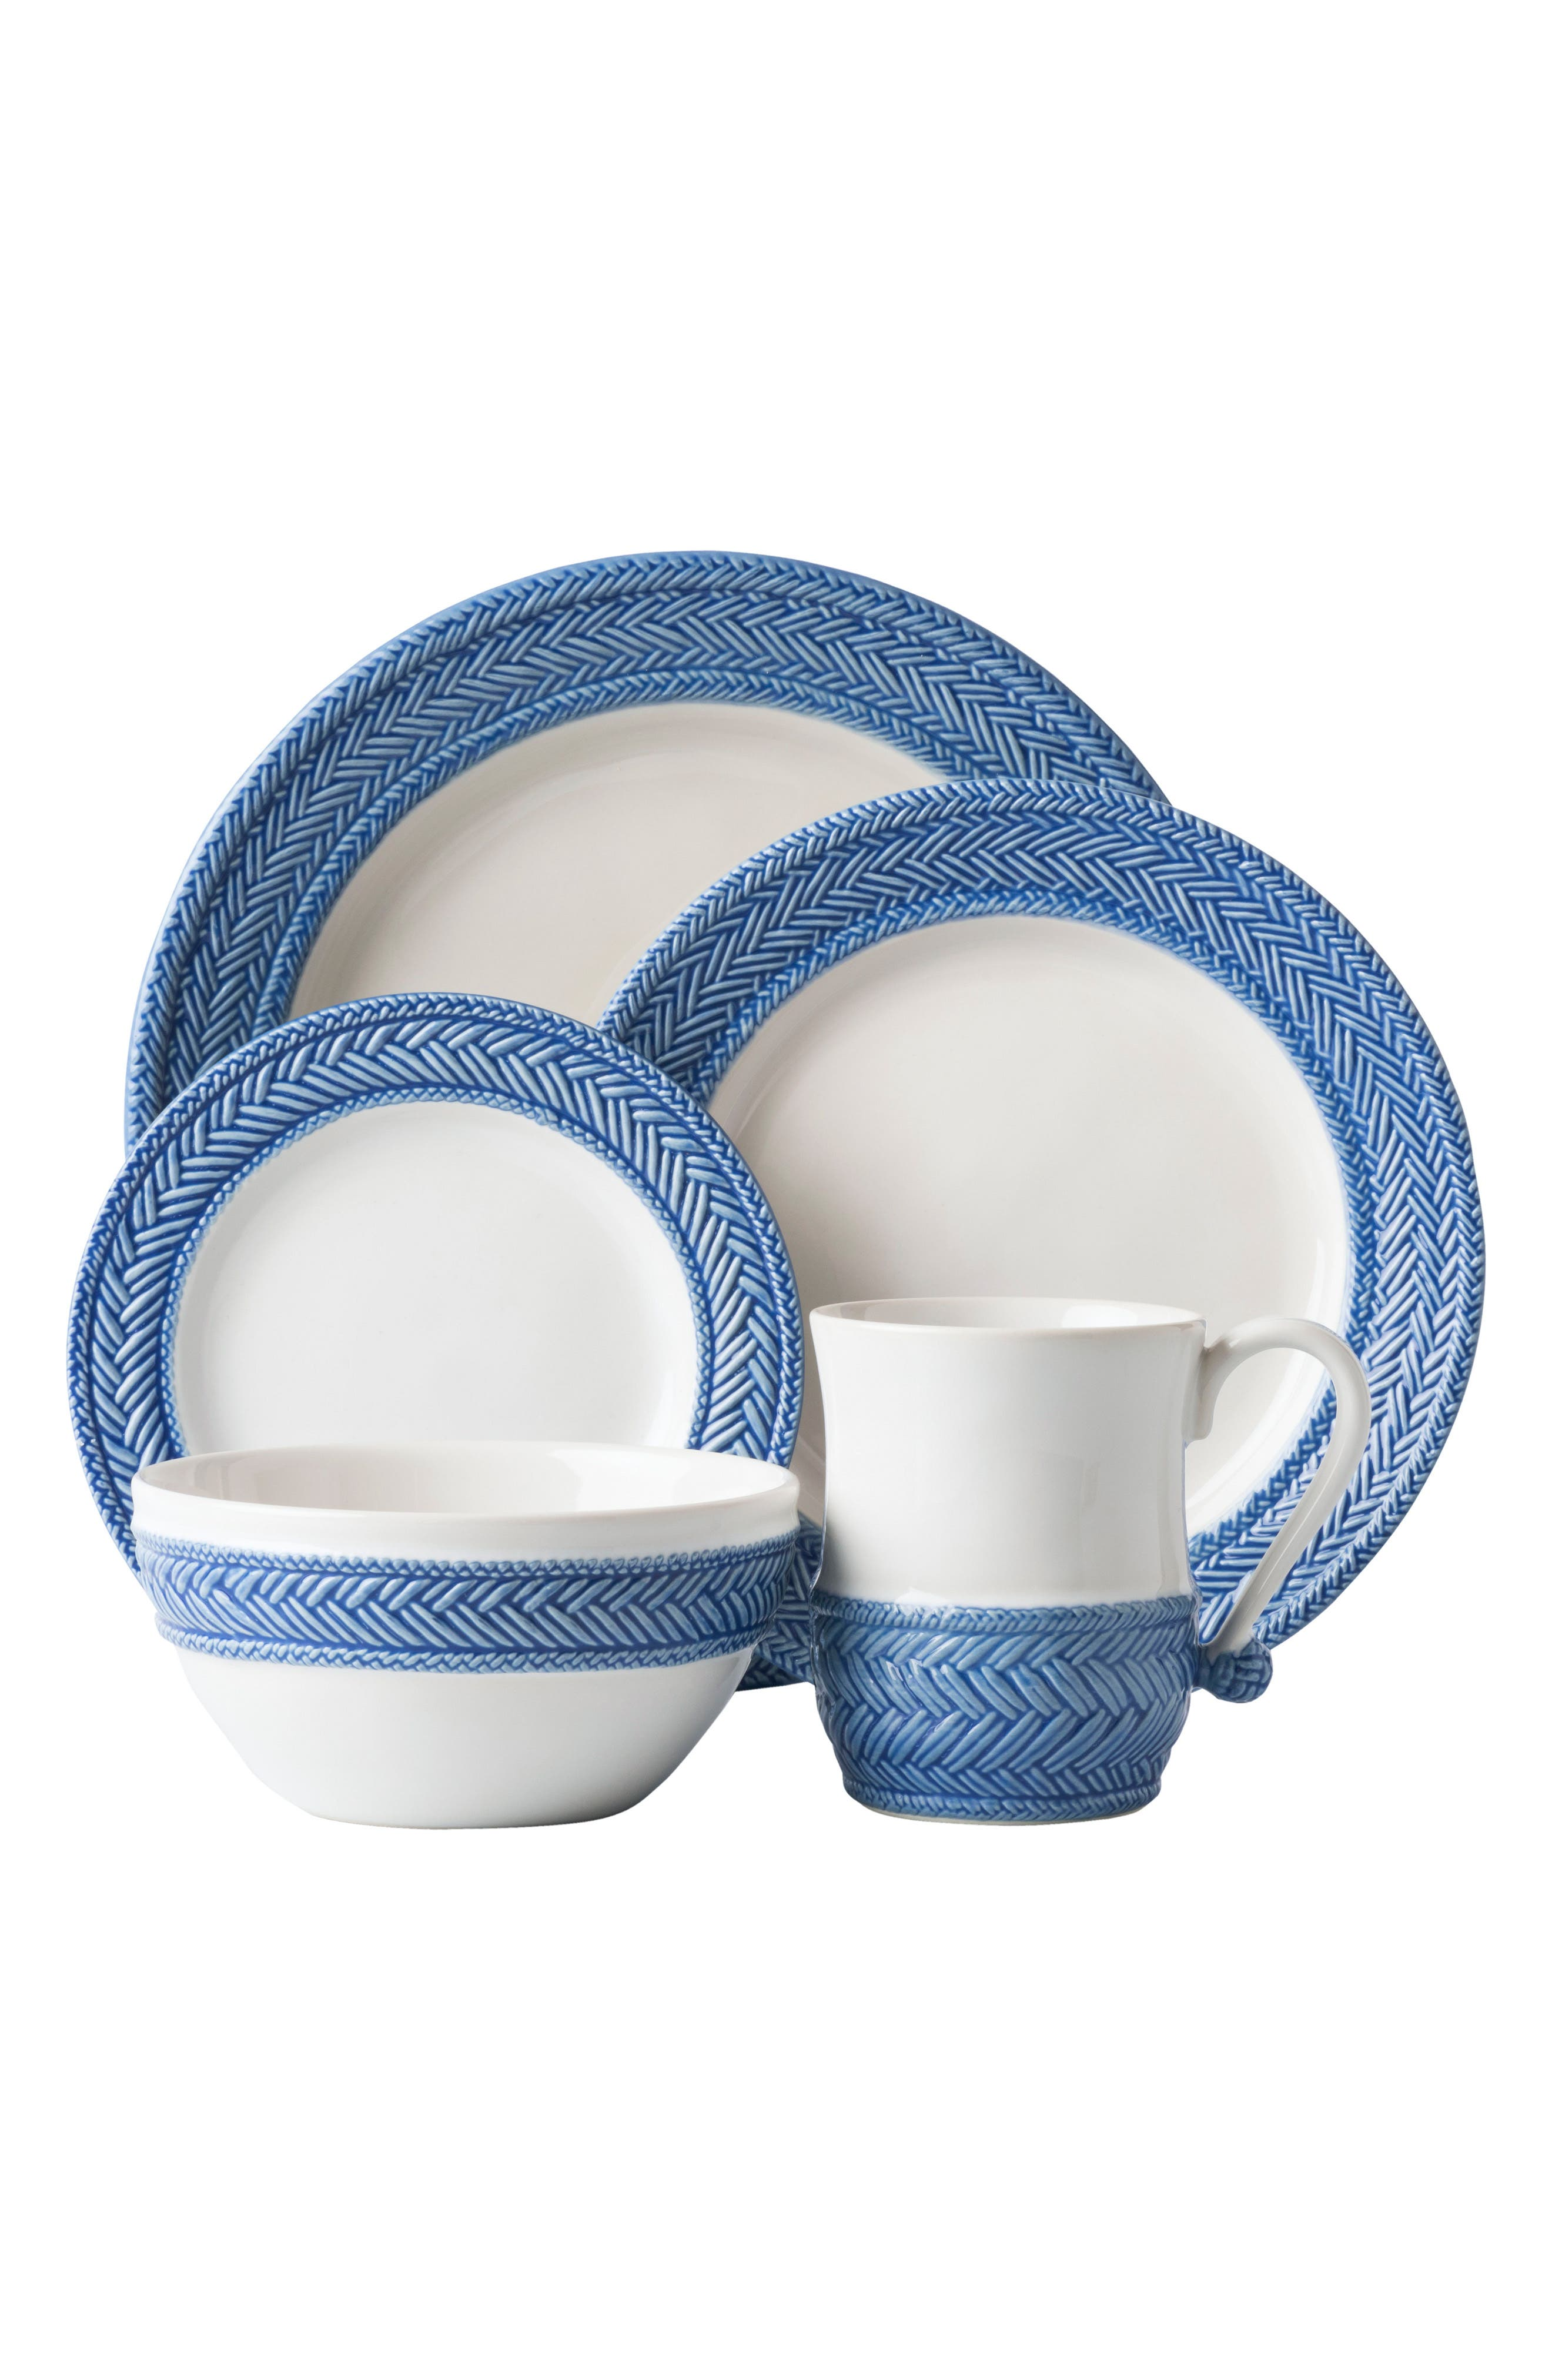 Le Panier 5-Piece Ceramic Place Setting,                             Main thumbnail 1, color,                             WHITEWASH/ DELFT BLUE